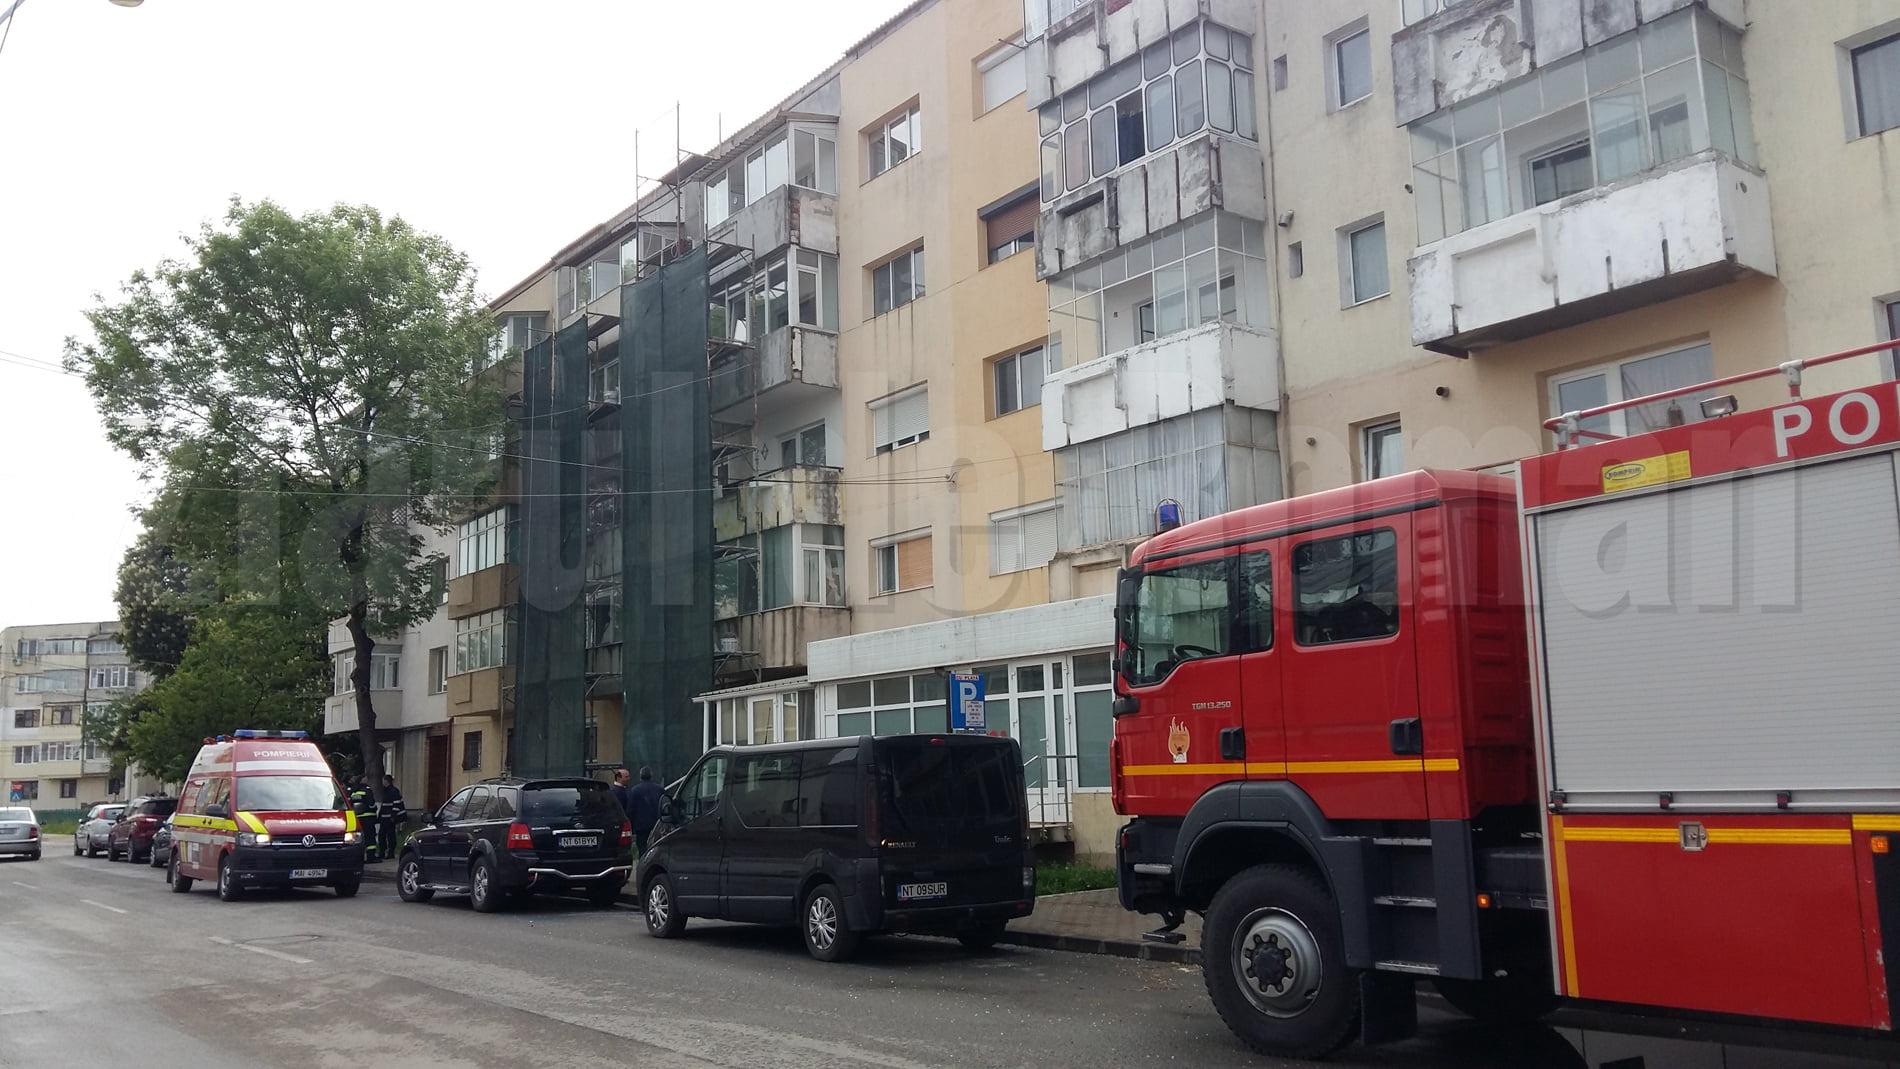 Intervenție a pompierilor pentru deblocarea unei uși, pe strada Dobrogeanu Gherea